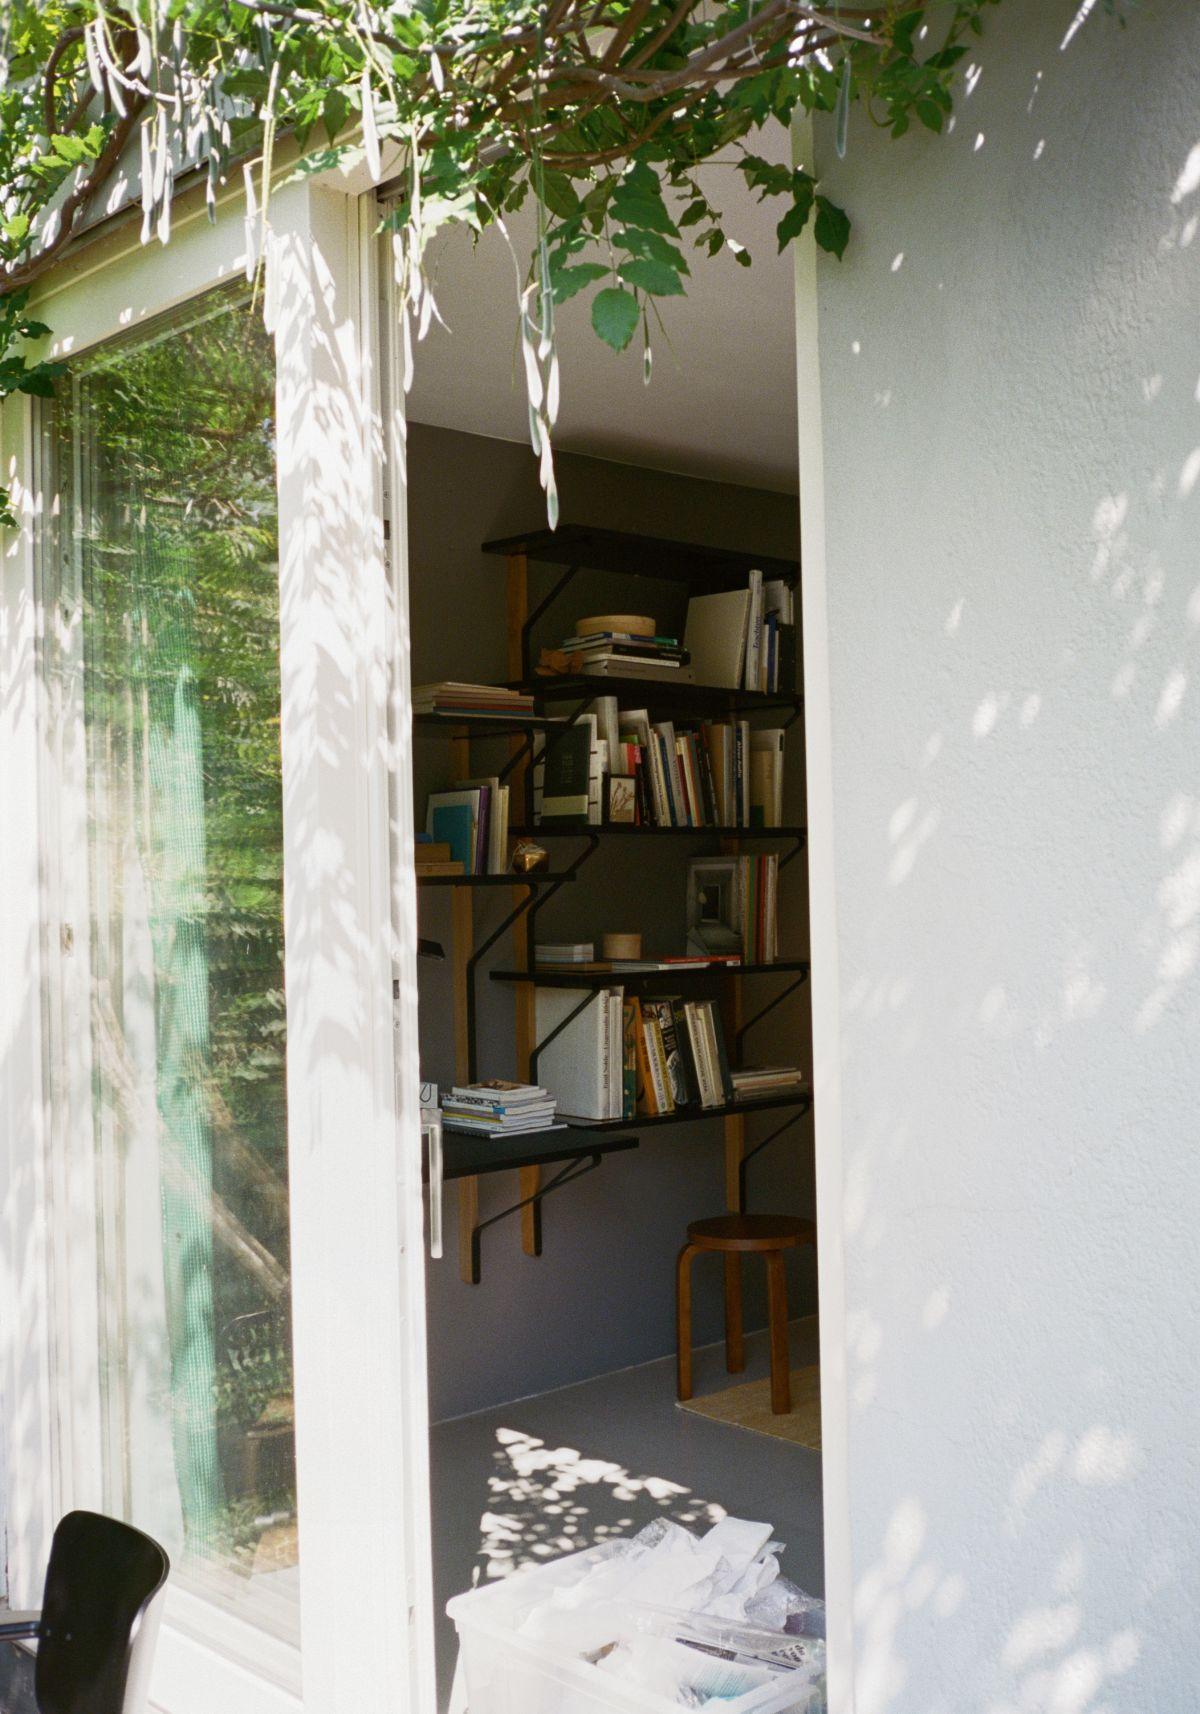 Kaari_Wall_Shelf_With_Desk_3-2378193